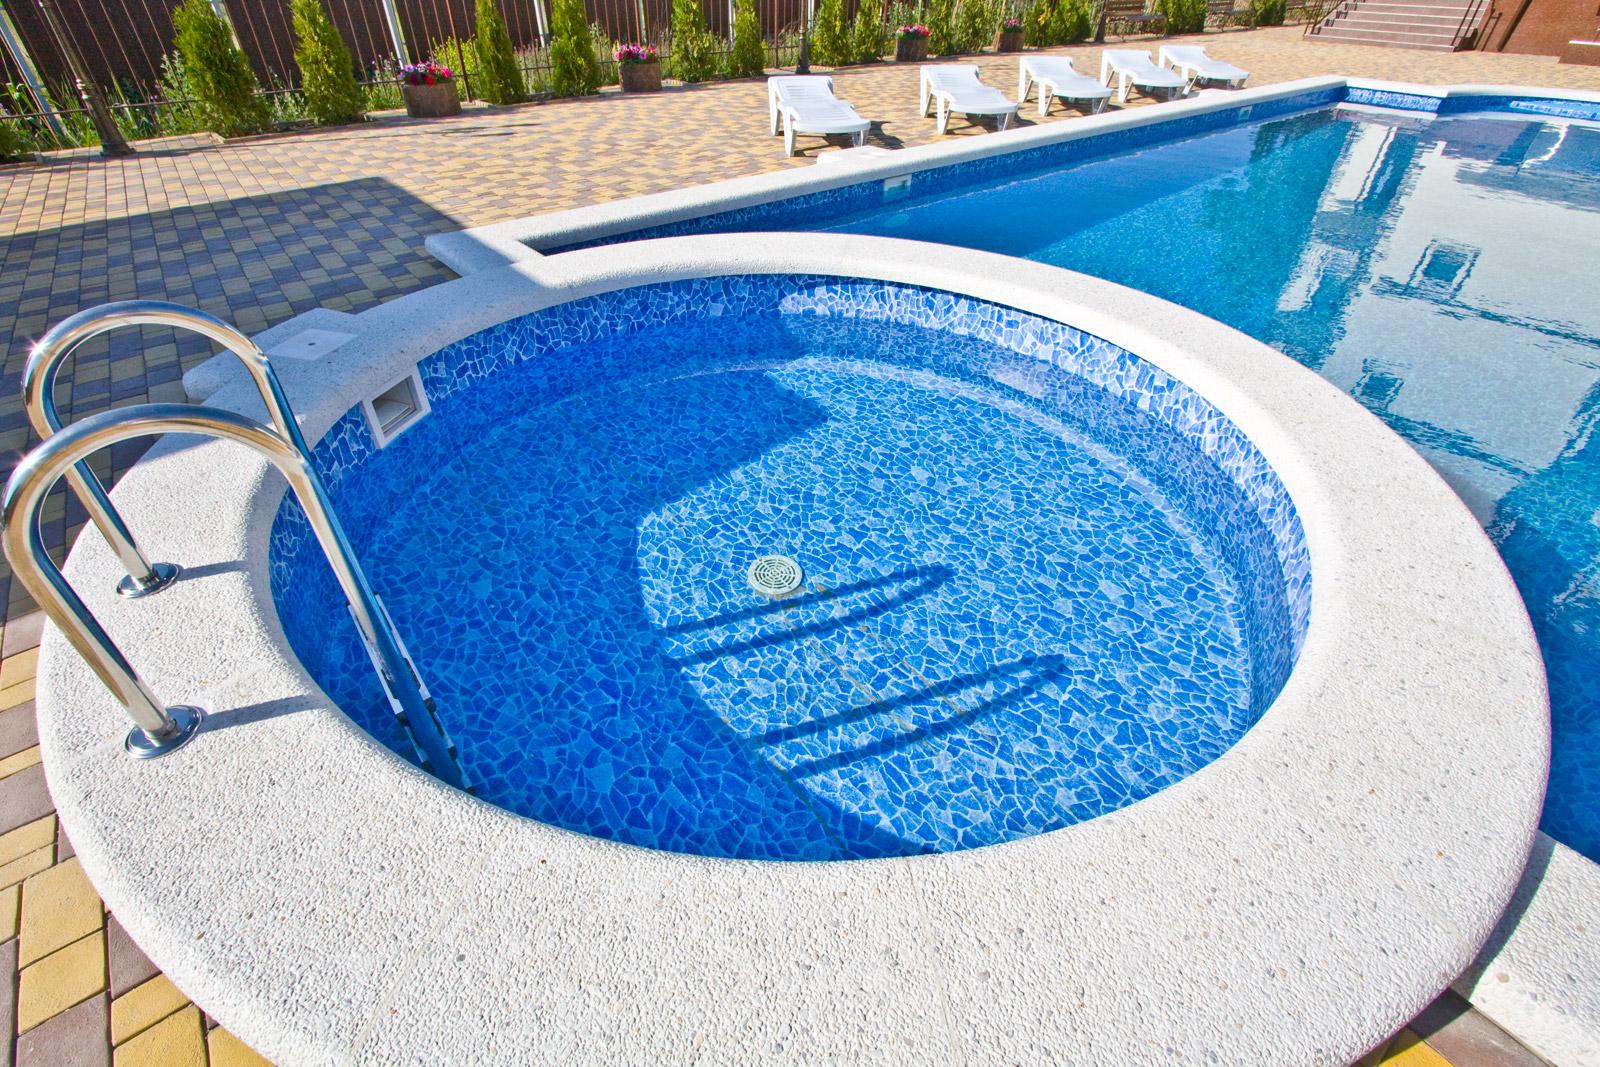 сетчатый фильтр для очисткы воды в бассейне